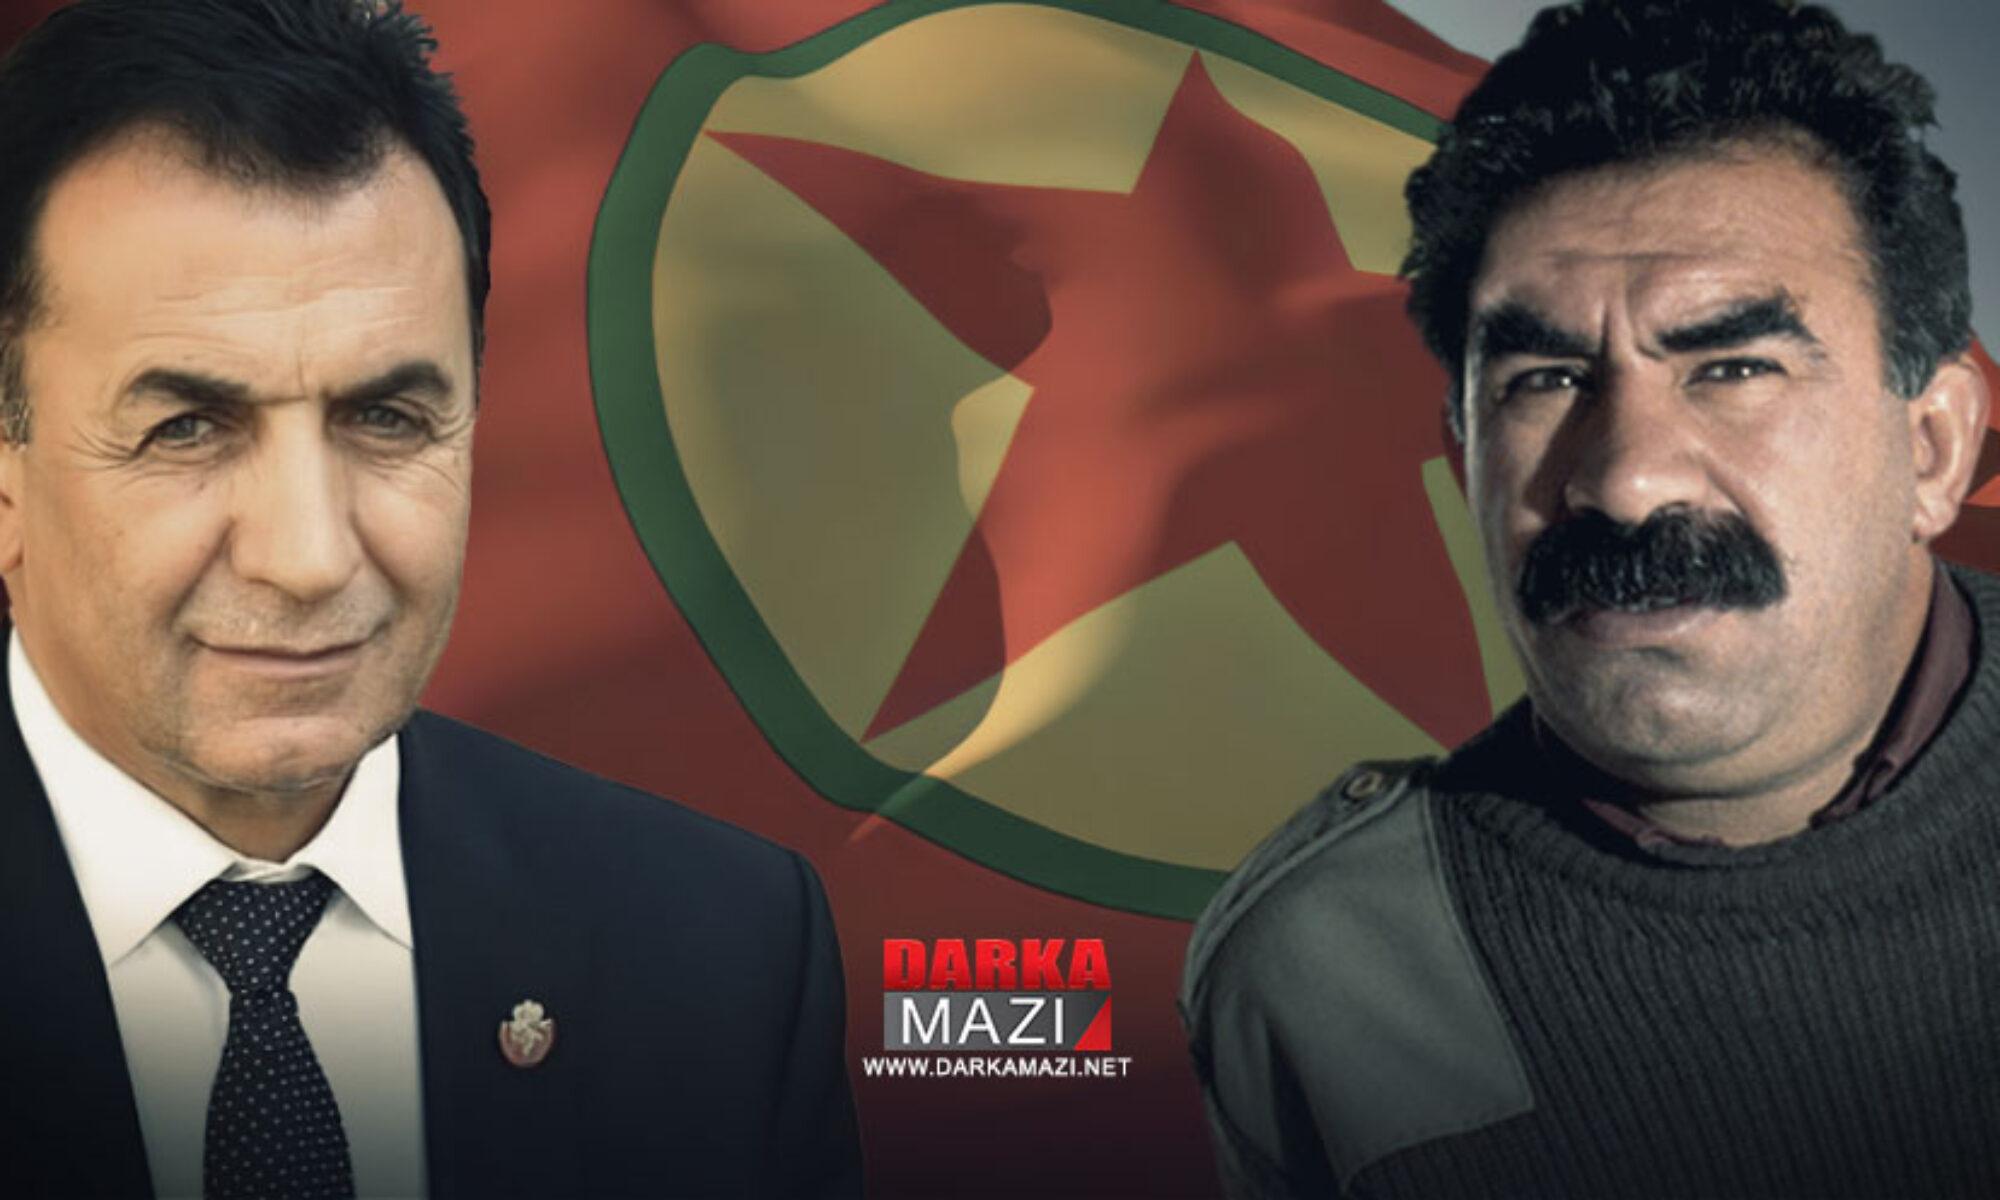 PKK sözcüsü Kamuran Berwari ve gerçeklerBehdinan, Kuzey Kürdristan, Hendek savaşları, Metina, Süleymaniye,